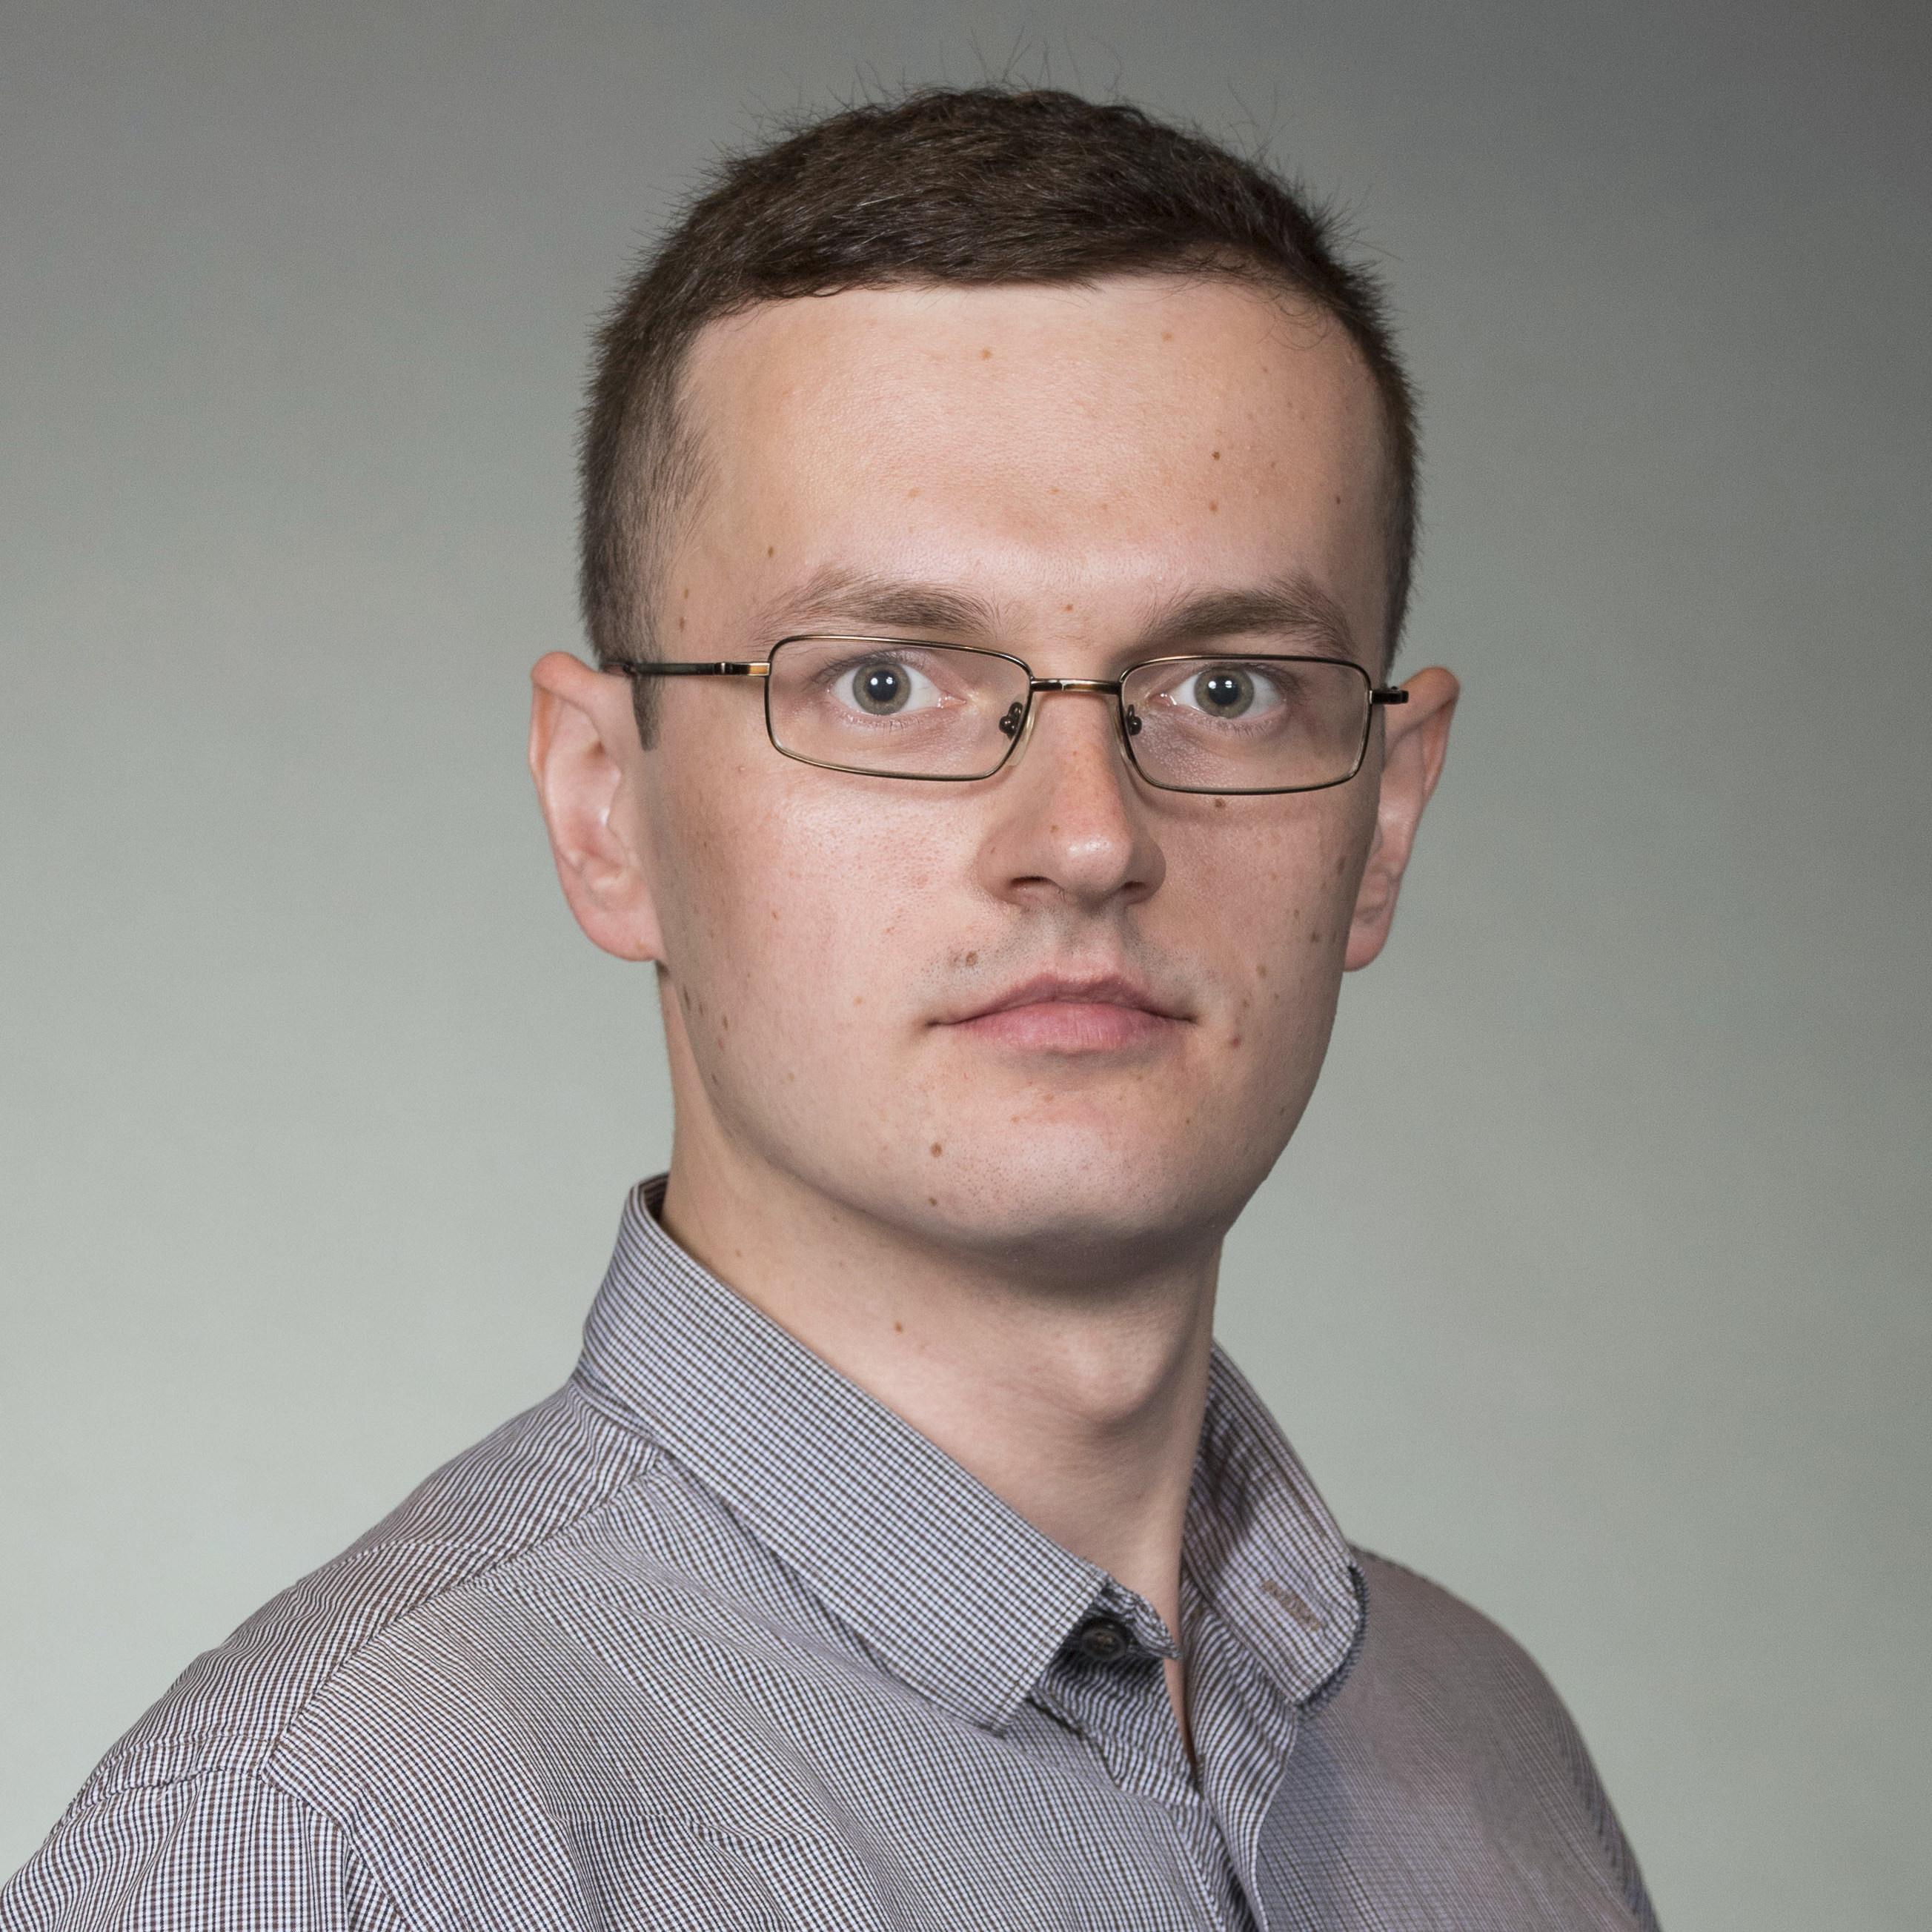 Yurii Piadyk